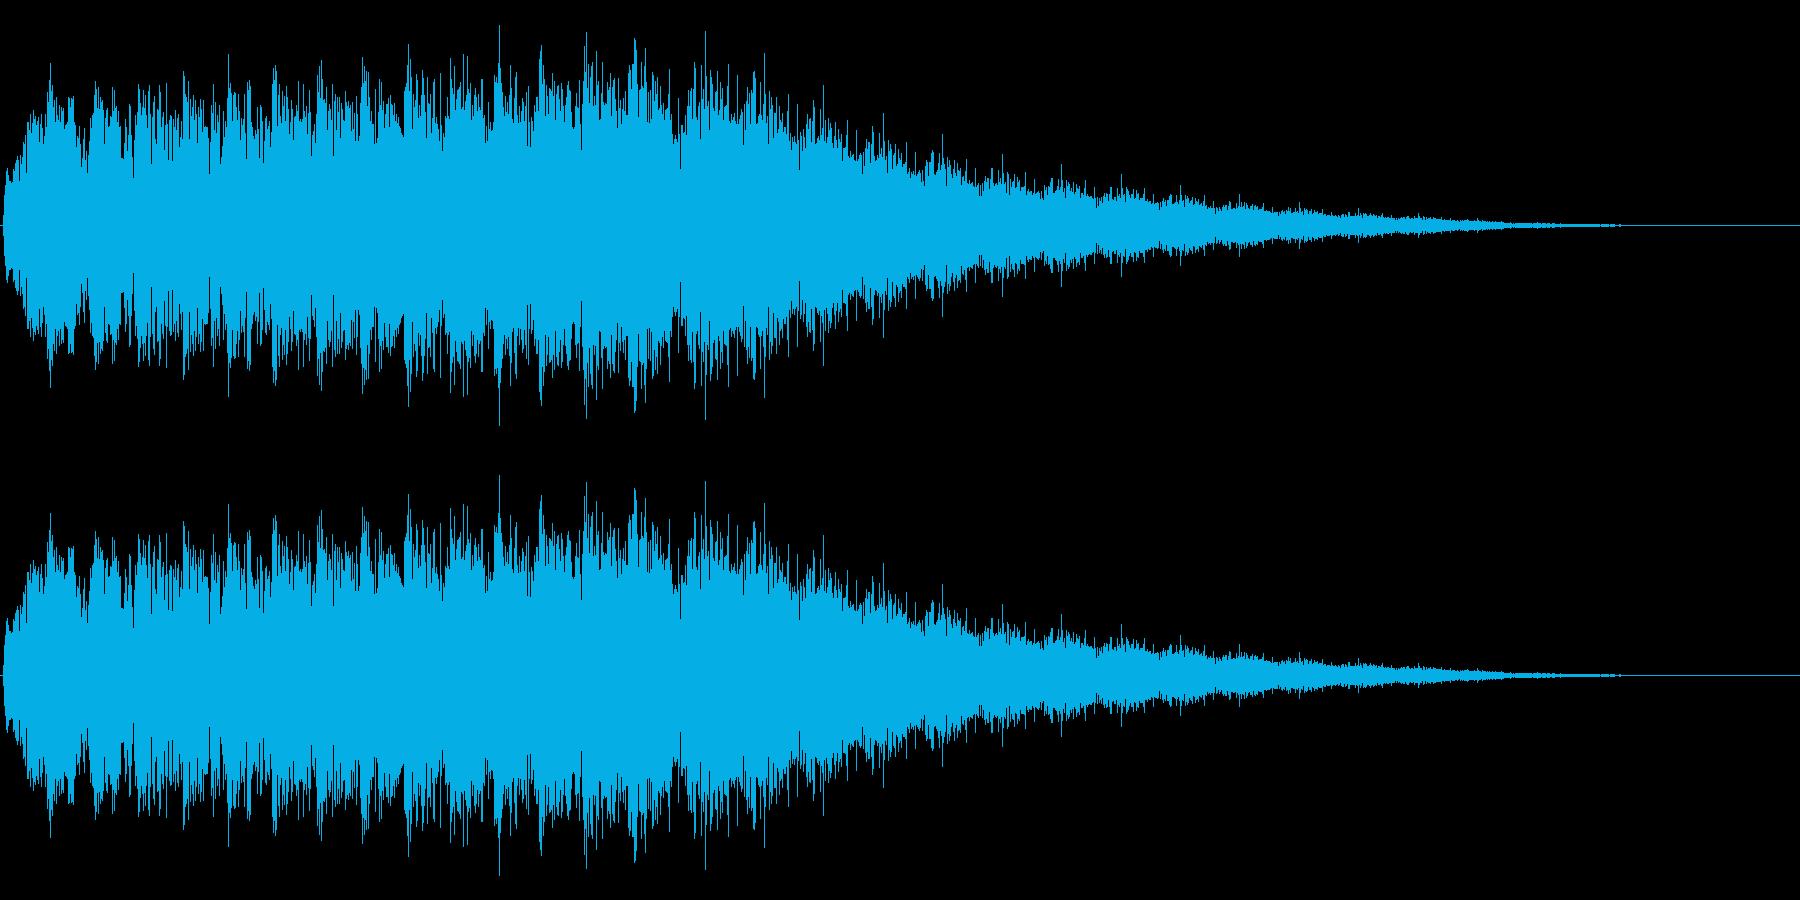 「アイテムゲット」「クイズに正解」など…の再生済みの波形